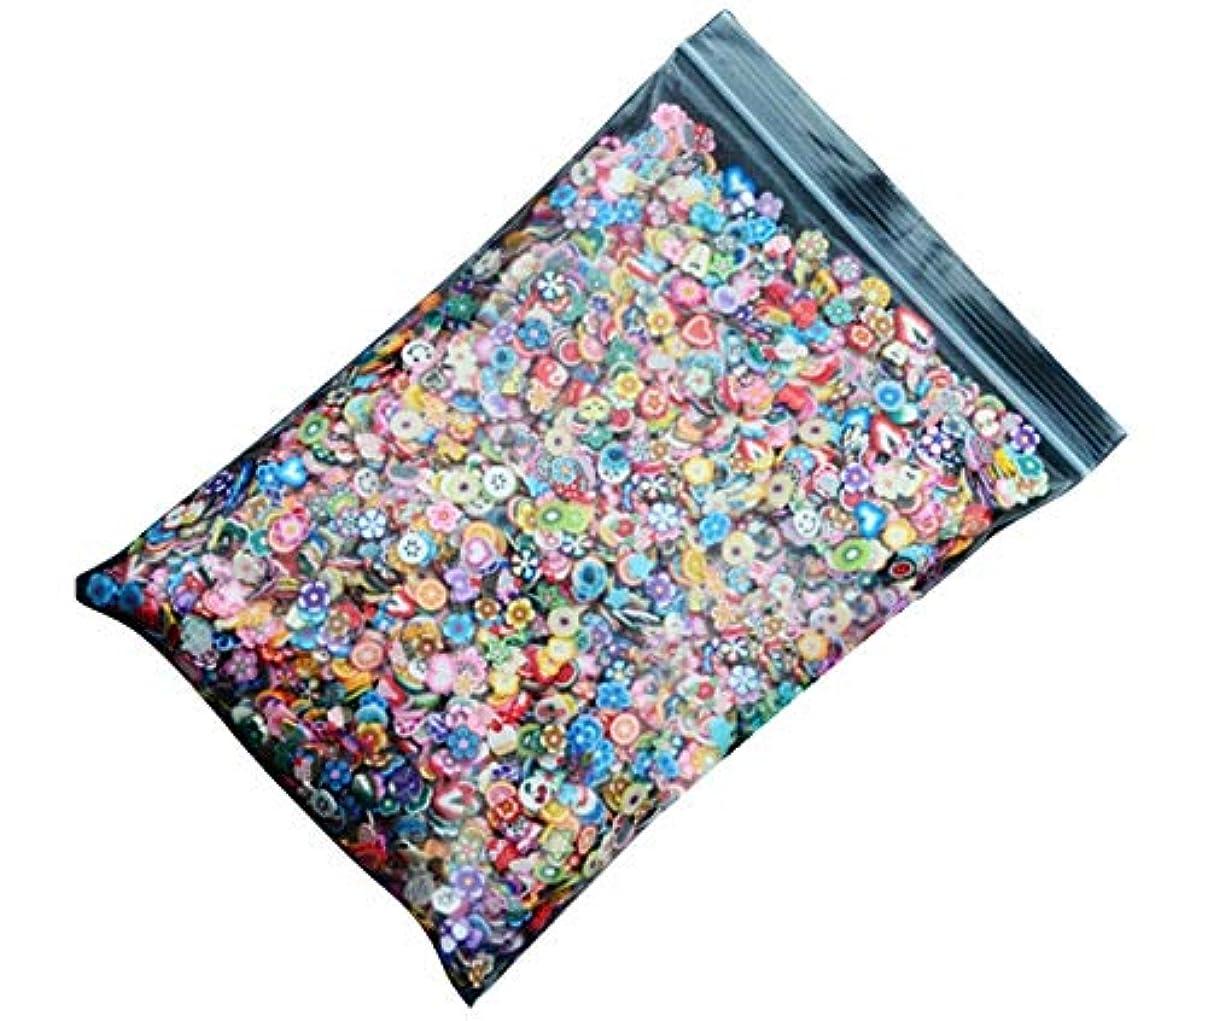 資金トランザクション薬を飲むTianmey ソフト陶磁器デザインネイルアートステッカーマニキュア美しいファッションアクセサリー装飾DIYモバイル美容パッチ千個 (Color : Mixing)